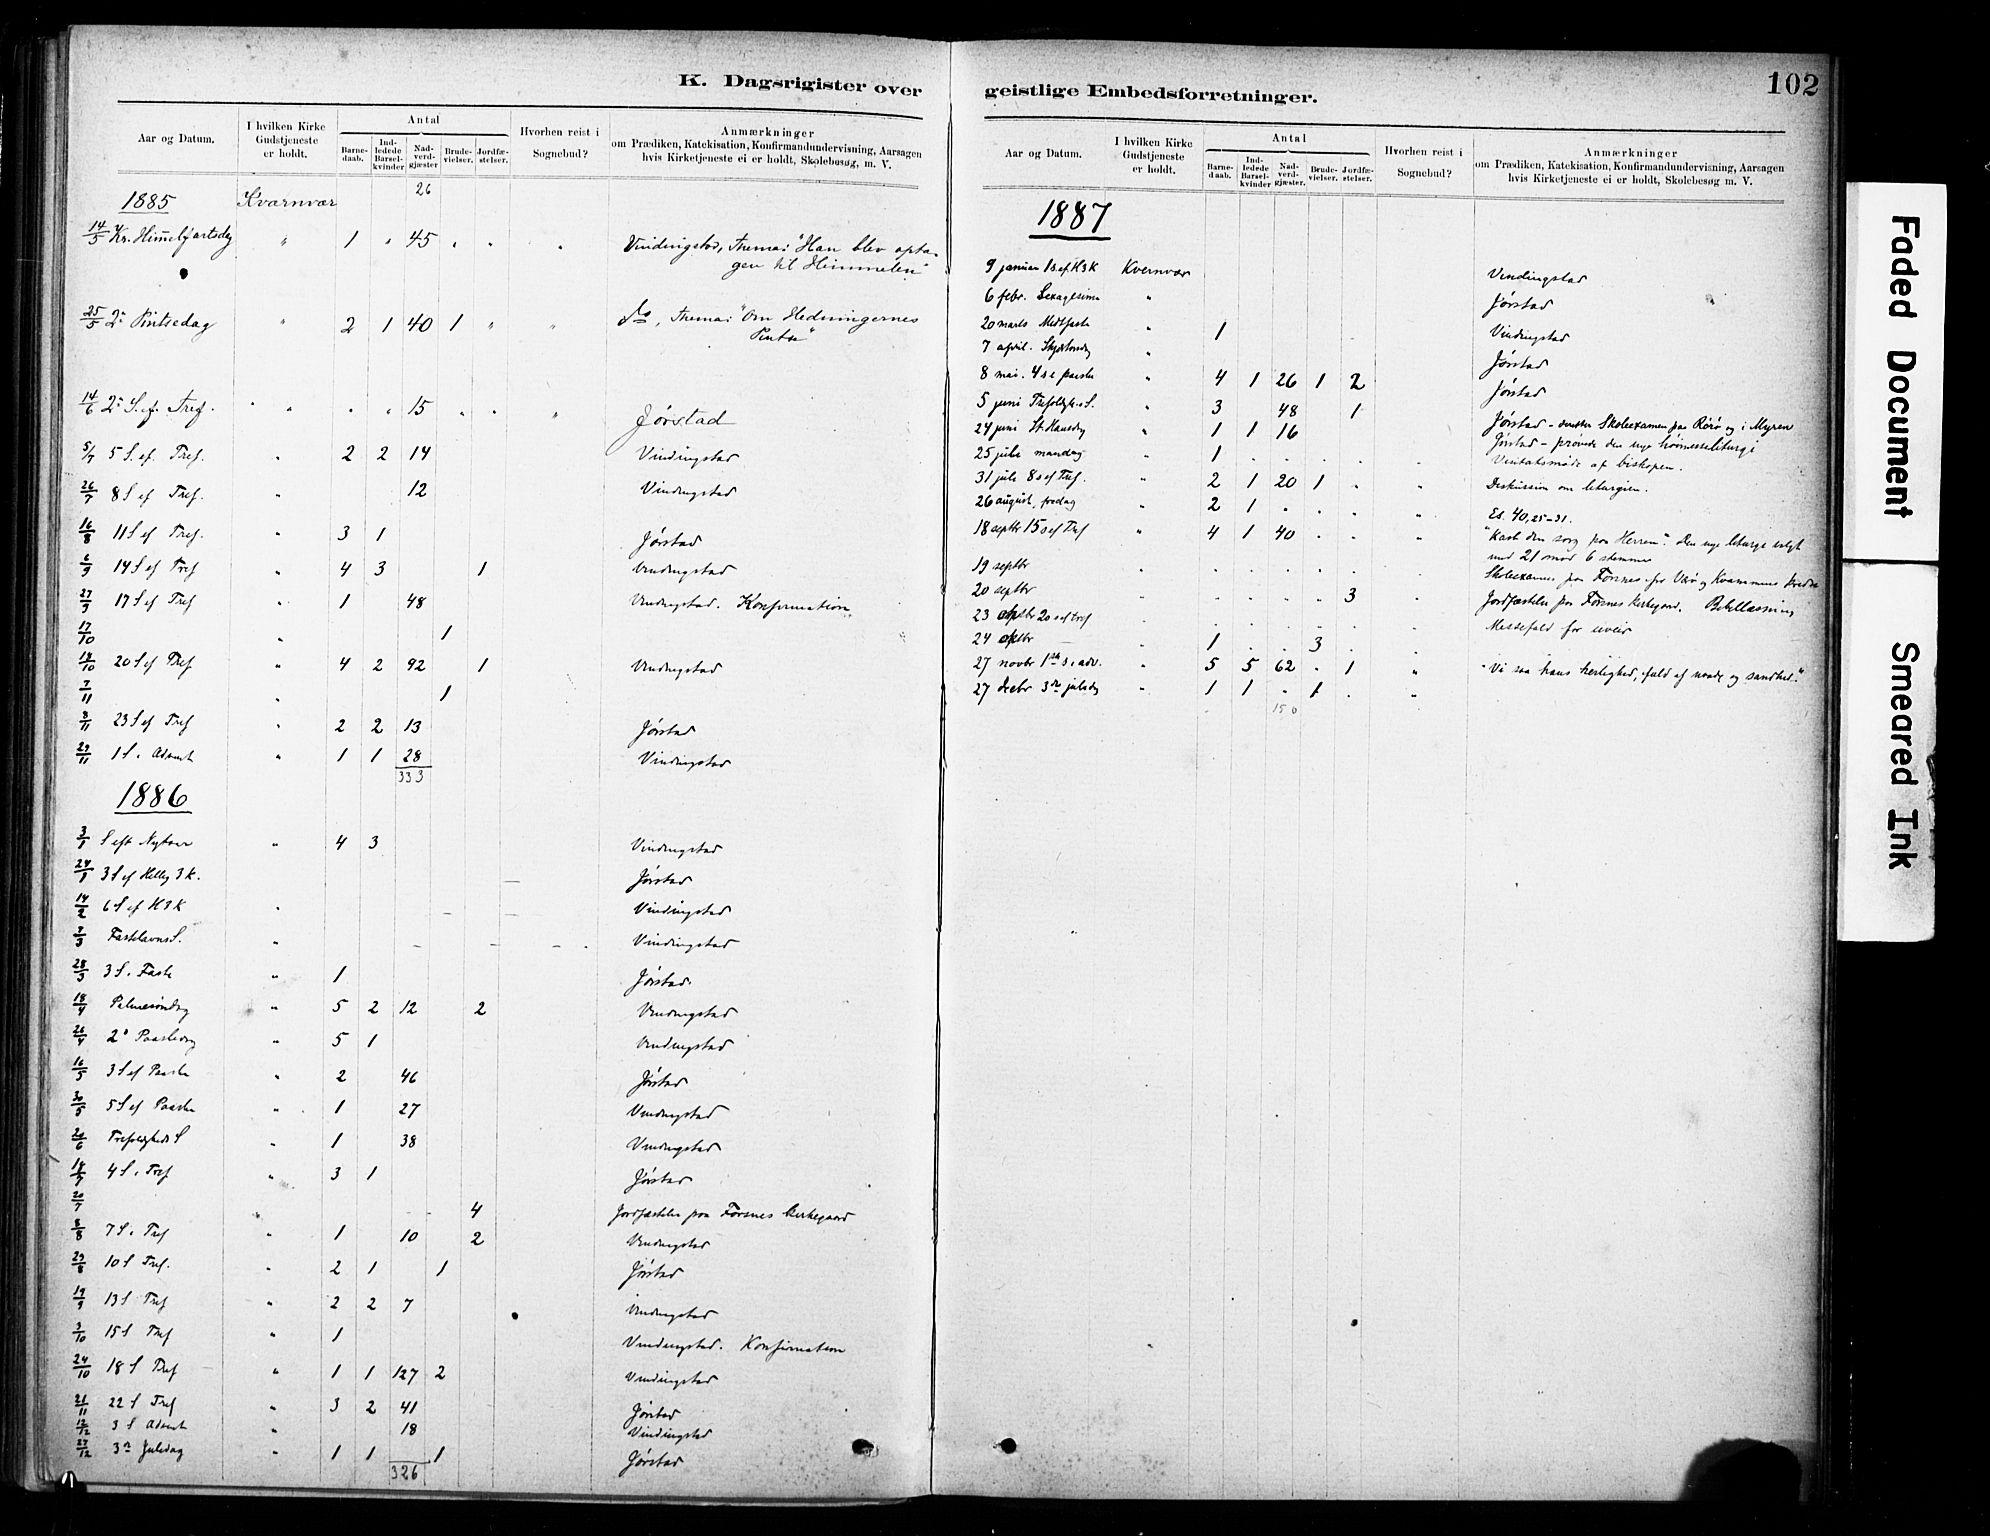 SAT, Ministerialprotokoller, klokkerbøker og fødselsregistre - Sør-Trøndelag, 635/L0551: Ministerialbok nr. 635A01, 1882-1899, s. 102